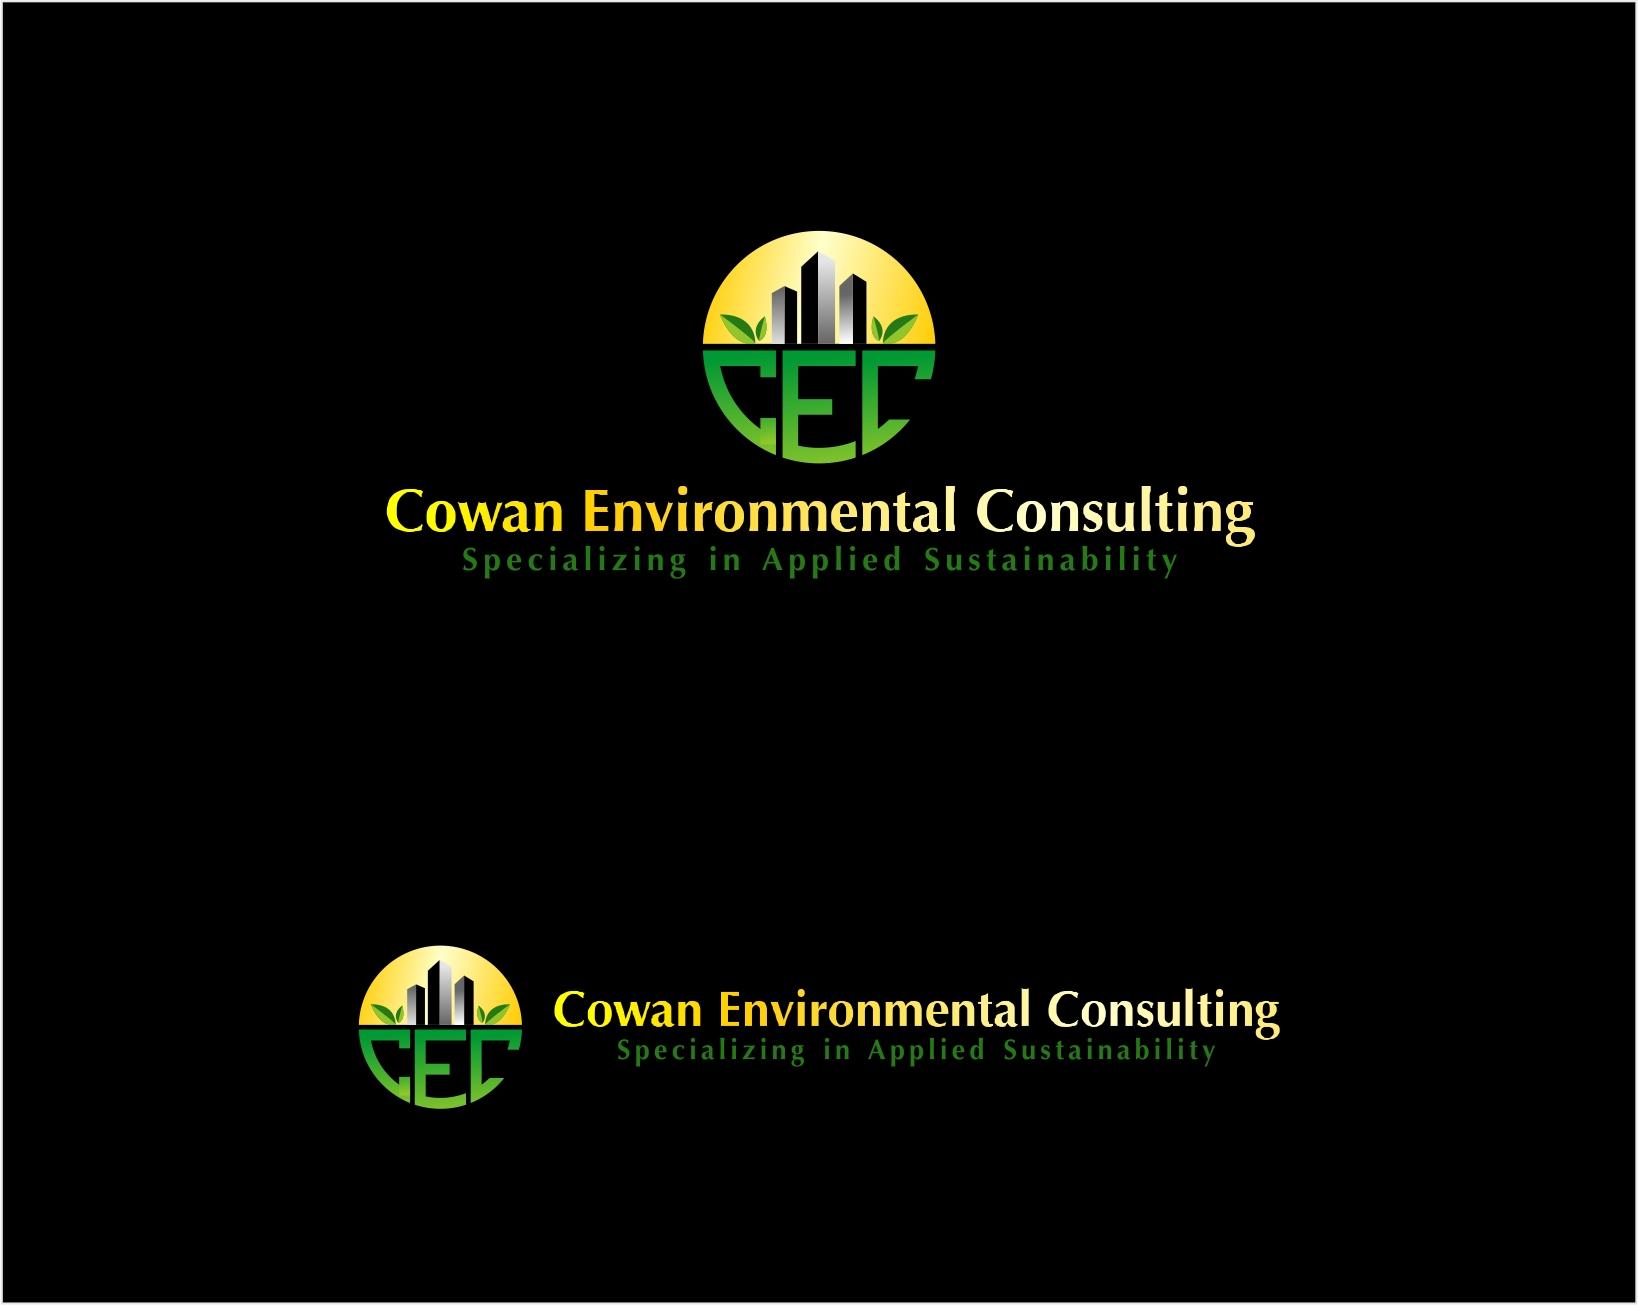 Logo Design by haidu - Entry No. 26 in the Logo Design Contest Fun Logo Design for Cowan Environmental Consulting.